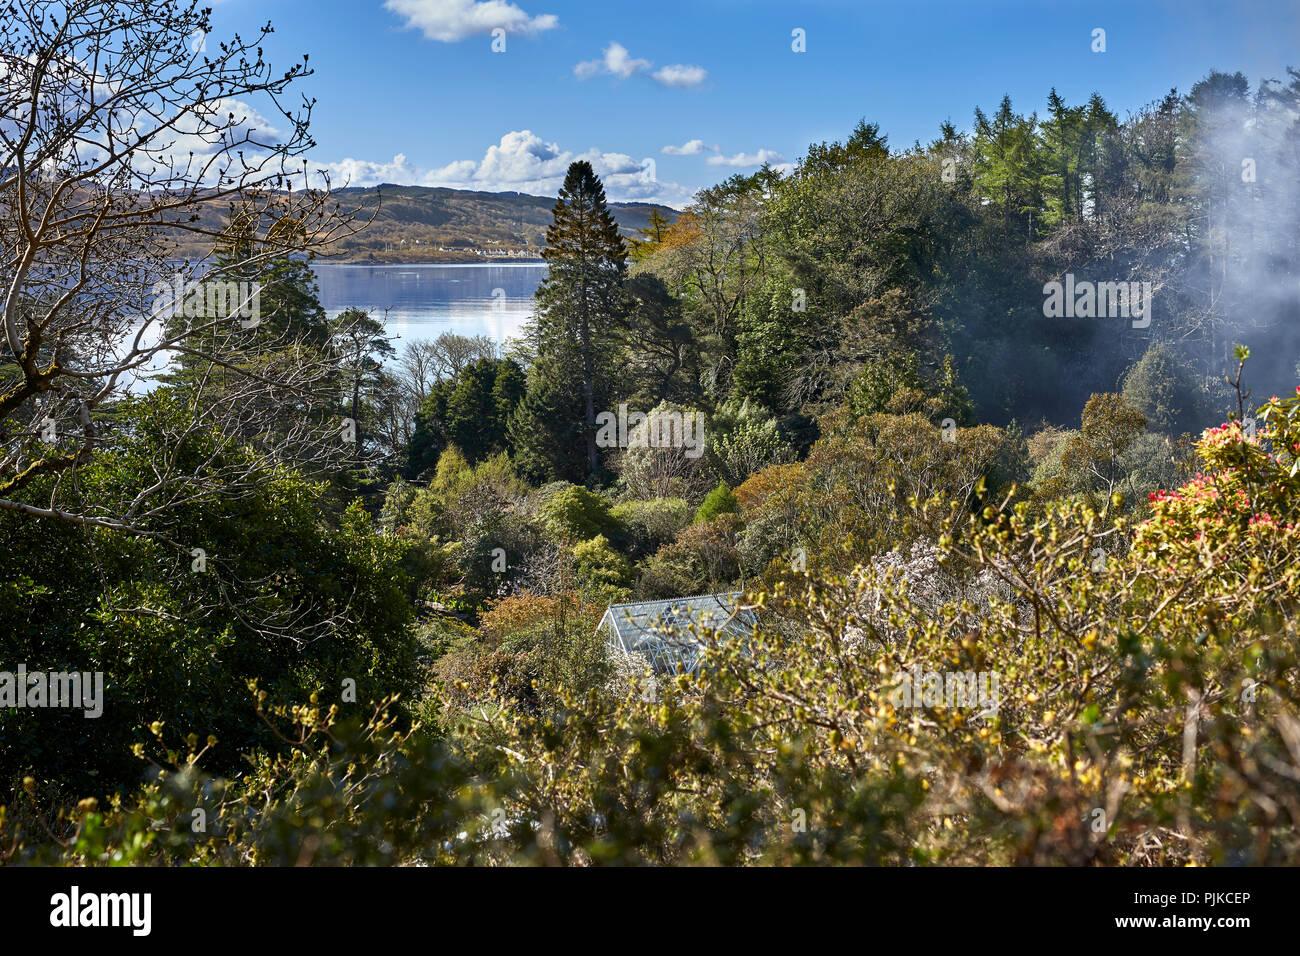 Humo de la hoguera se cuelga en las copas de los árboles en el sol por la mañana temprano para ver Craobh Haven sobre loch Melfort Arduaine a través de los jardines. Foto de stock